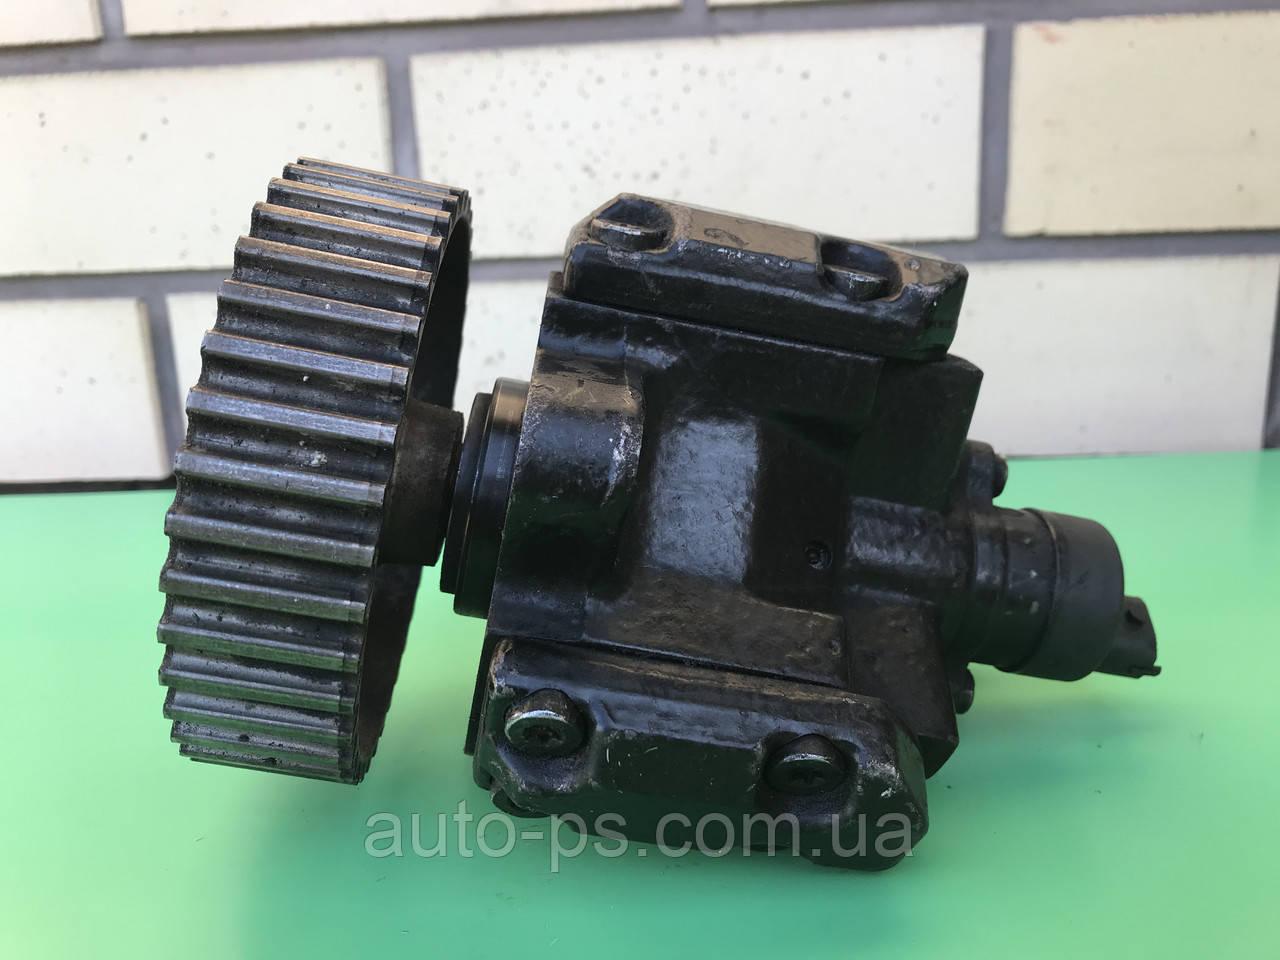 Топливный насос высокого давления (ТНВД) Alfa Romeo 145 1.9JTD 1999-2001 год.